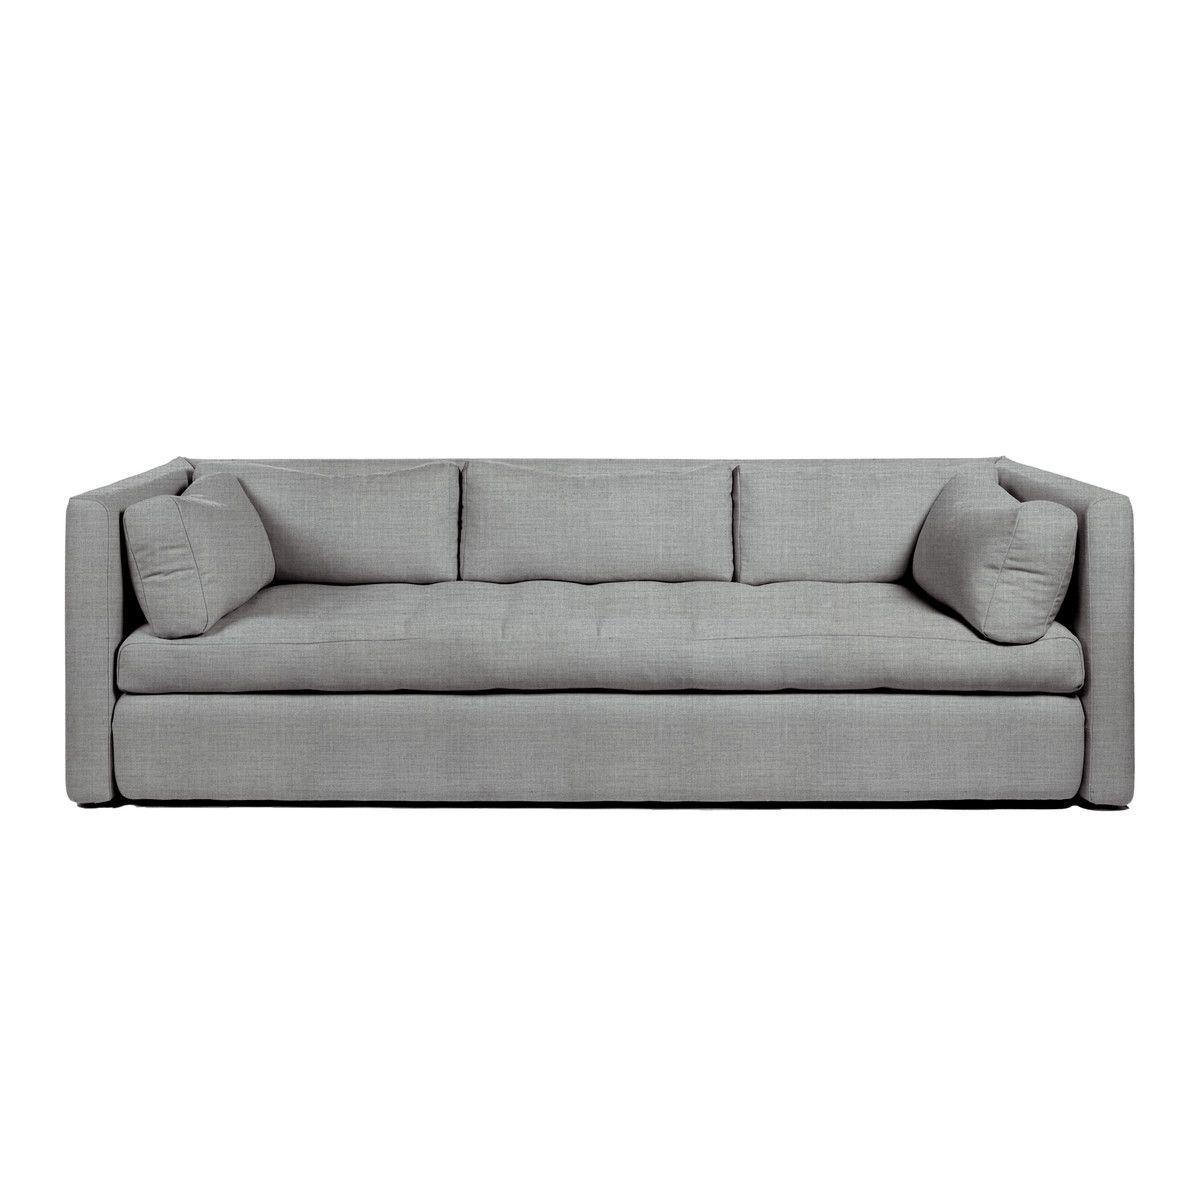 hay hackney sofa 3 sitzer remix 123 grau t 96 h 75 b 254 online kaufen bei decor sofa